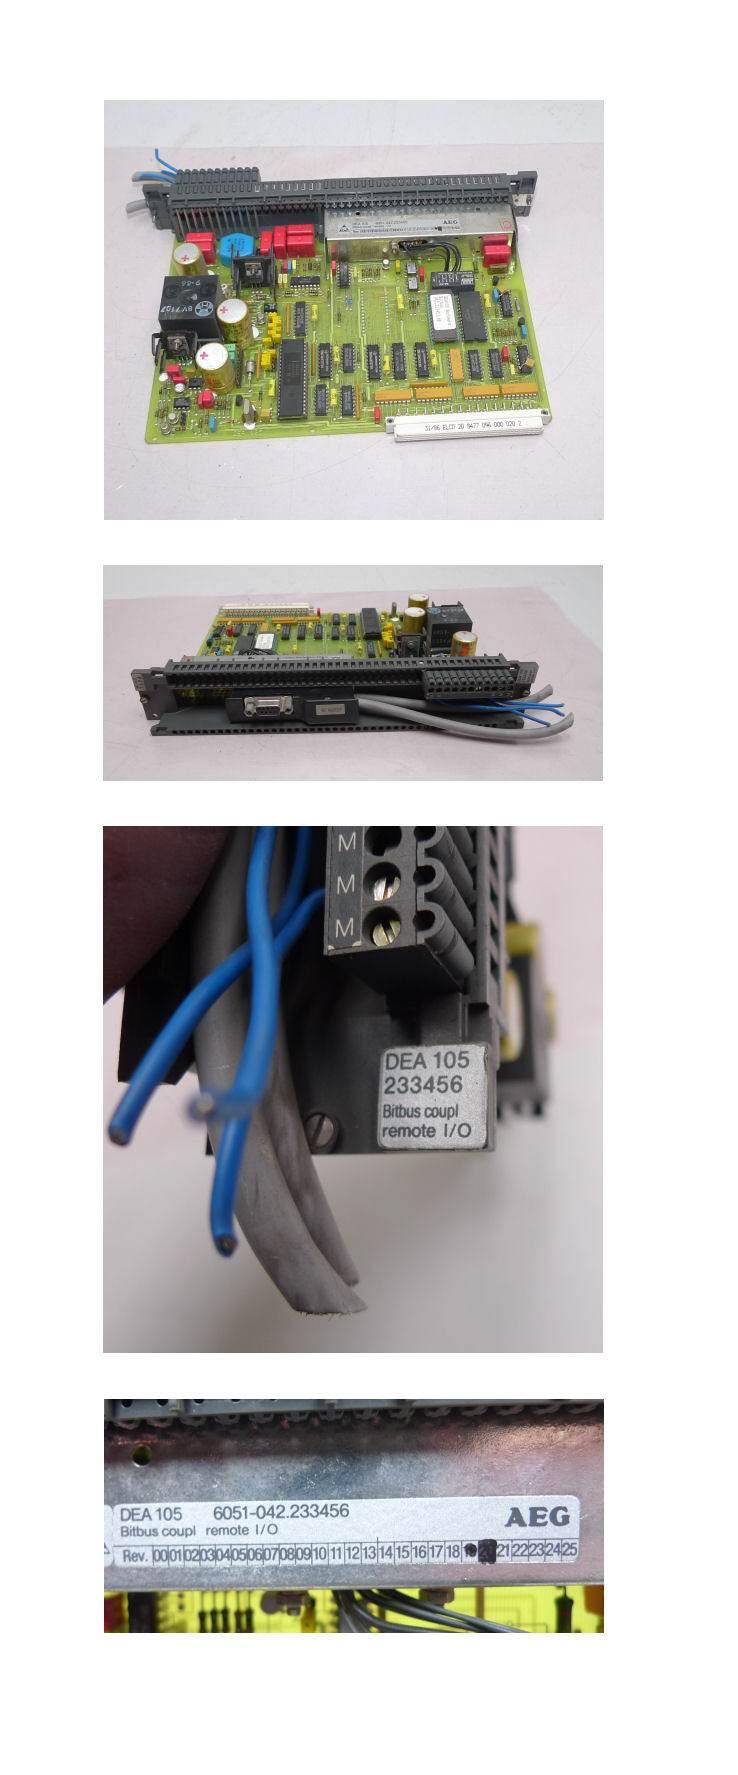 AEG DEA-105 6051-042.233456